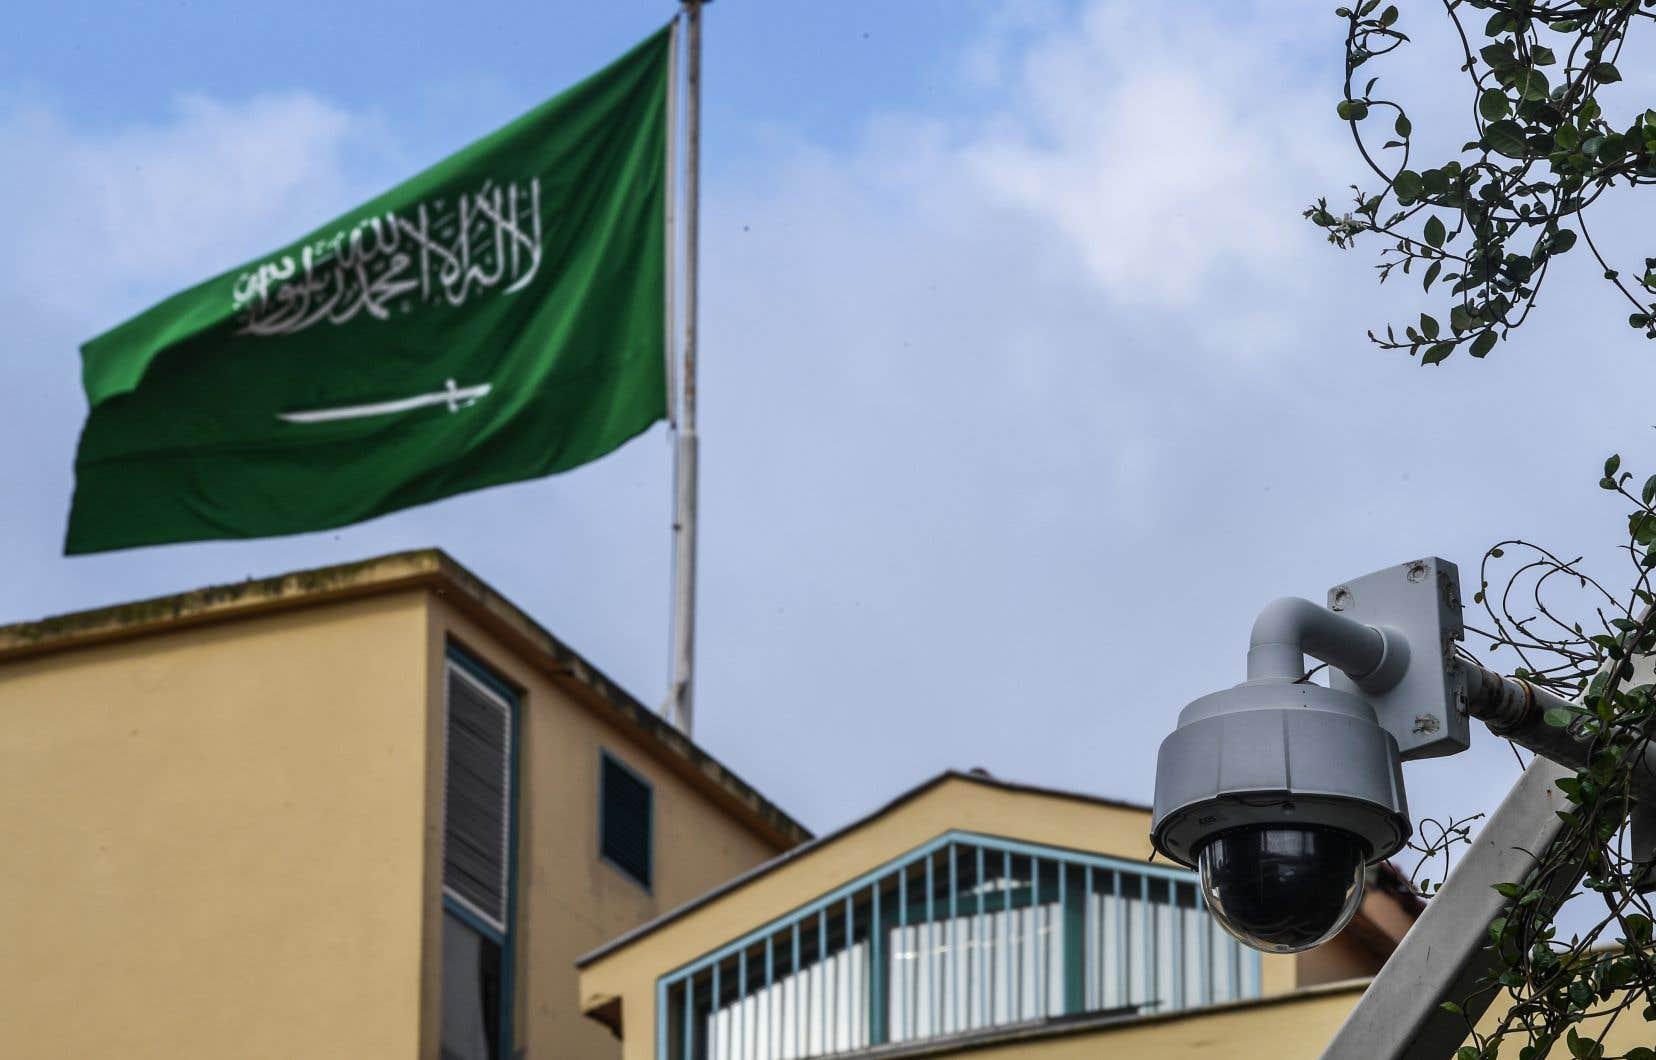 Ankara a reproché samedi à Riyad de ne pas coopérer, et notamment de ne pas laisser les enquêteurs accéder au consulat d'Arabie Saoudite à Istanbul, où le journaliste a été vu pour la dernière fois, le 2octobre.